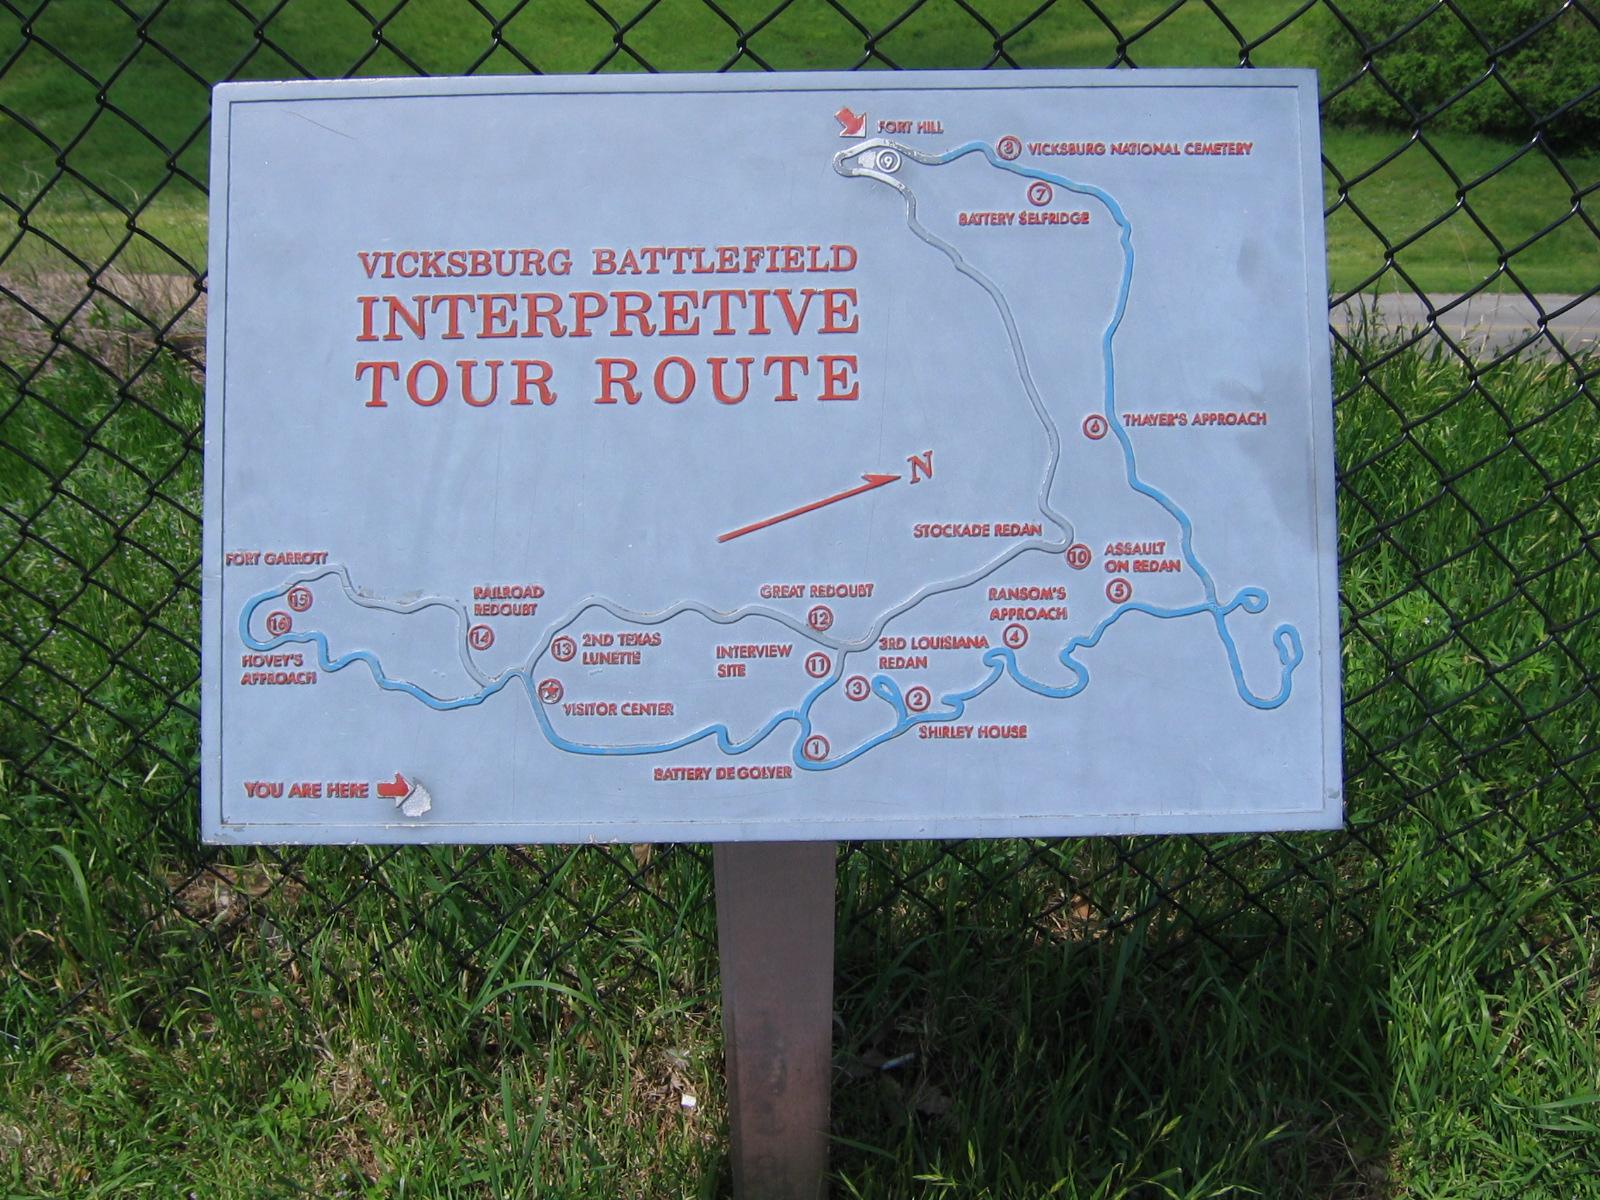 In Vicksburg und Umgebung gibt es viele historische Stätten